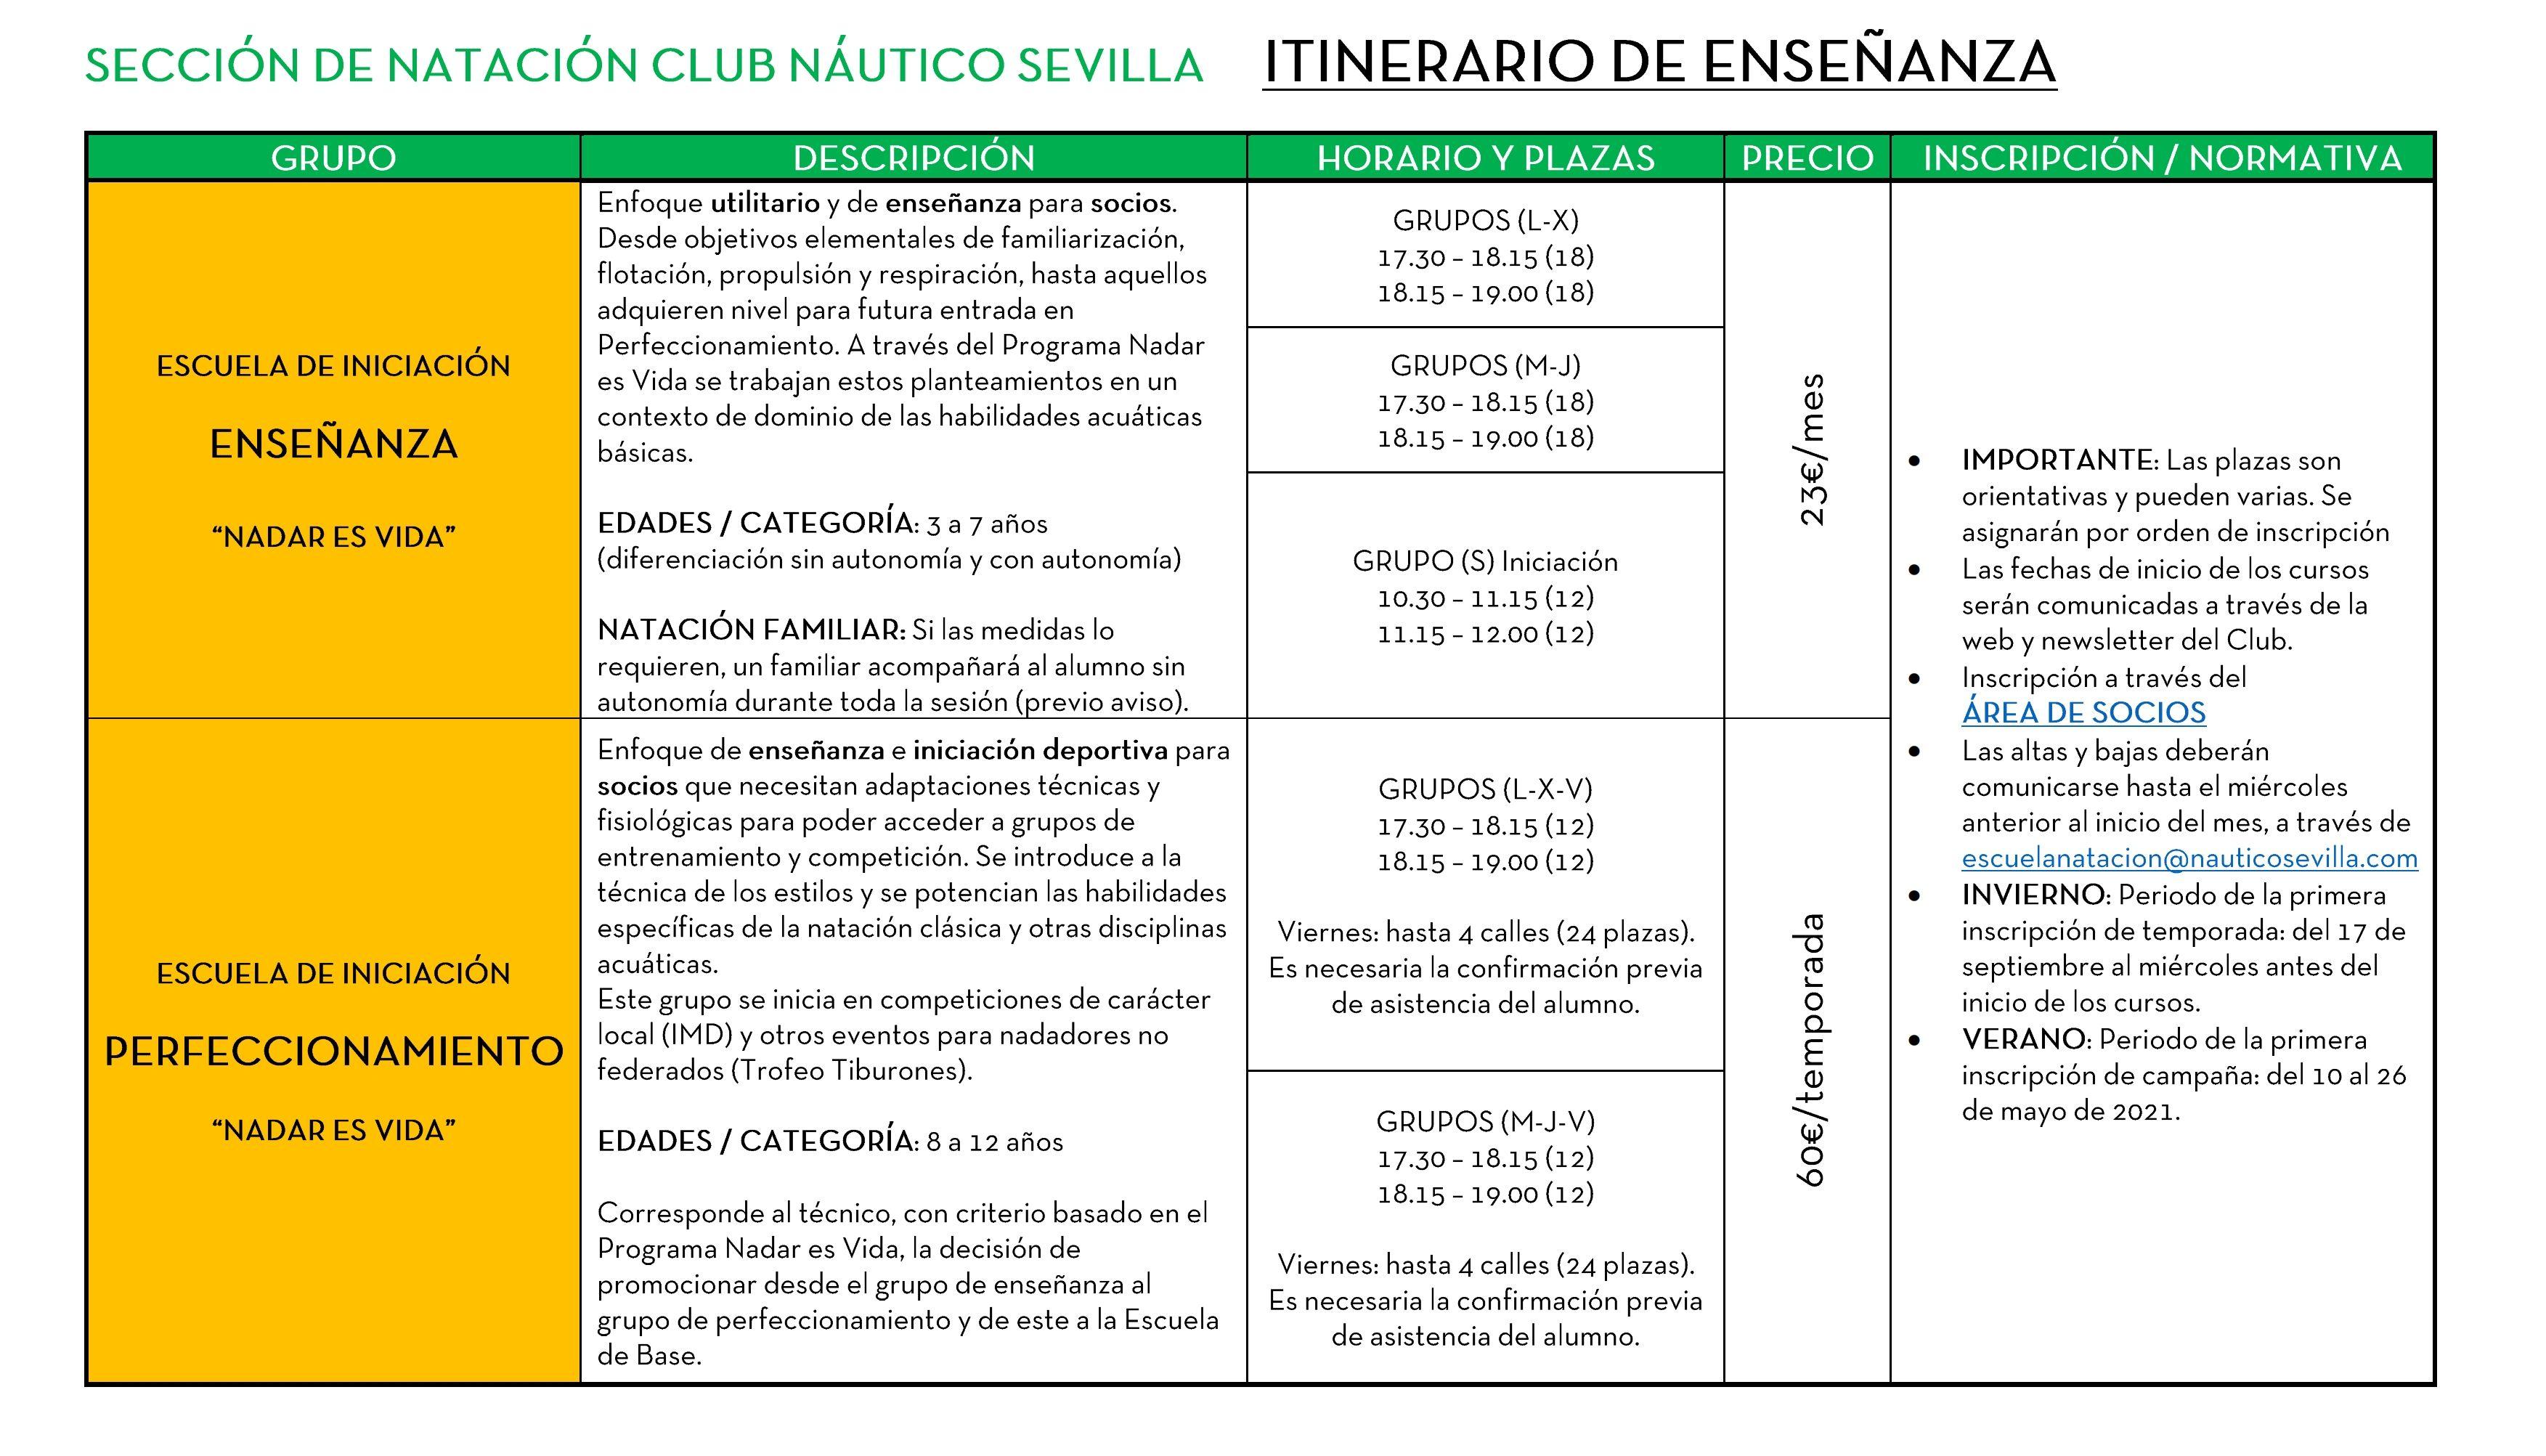 Natación CNS 20-21_002.jpg